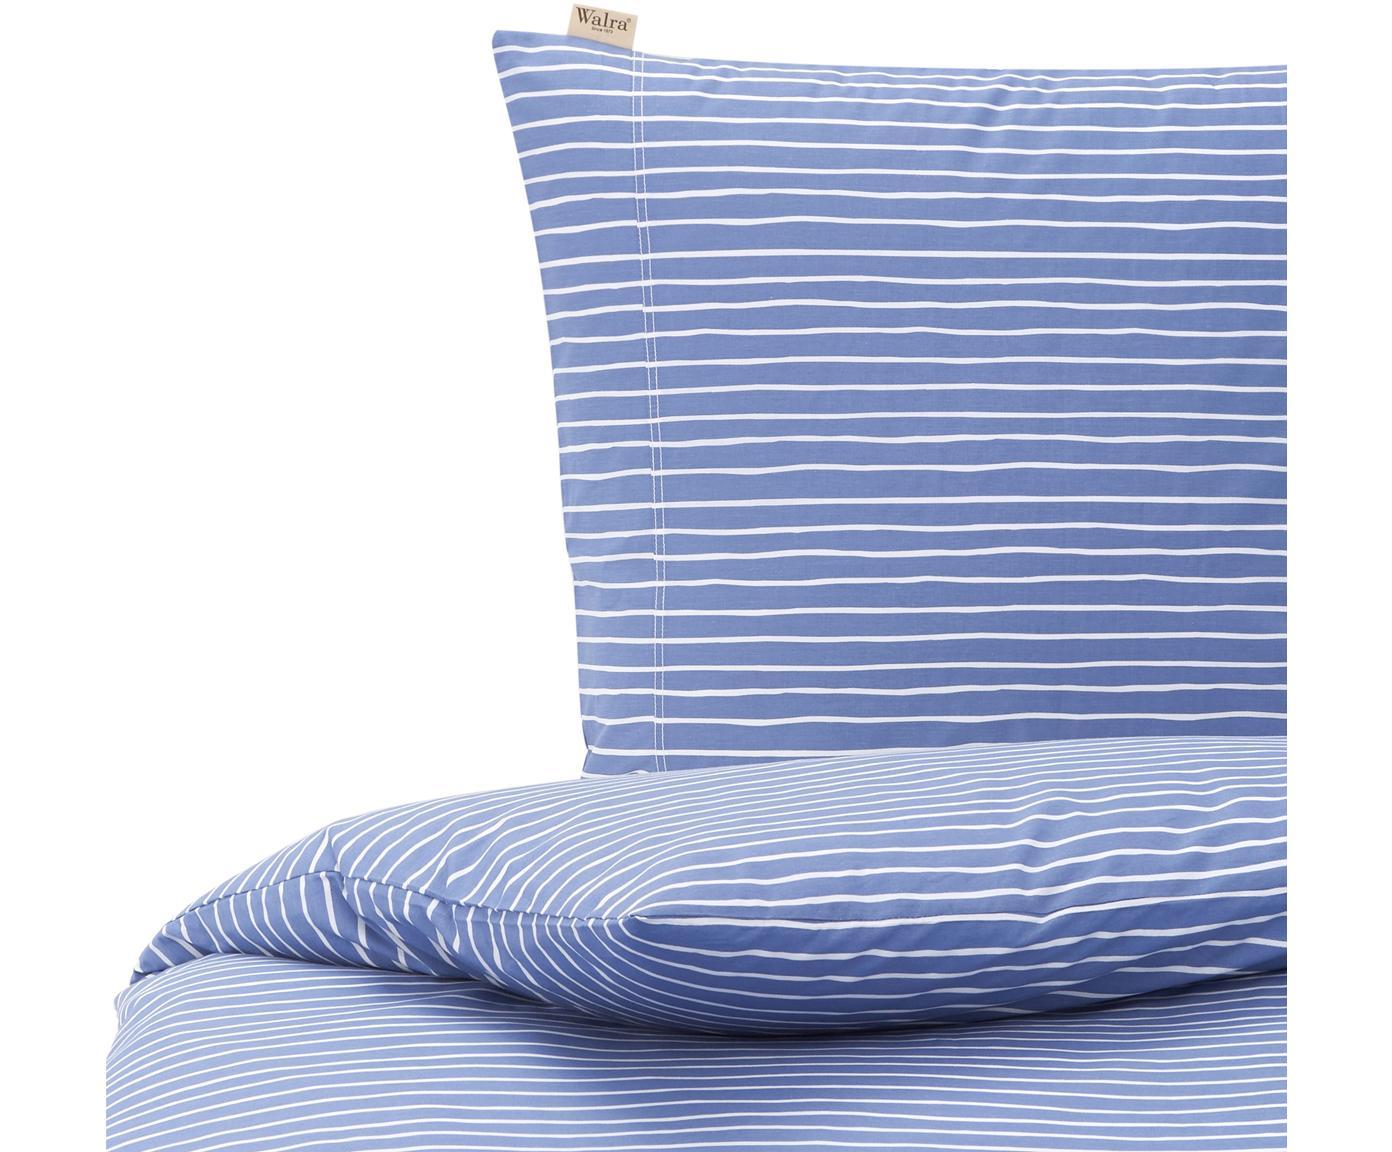 Baumwoll-Bettwäsche No way out mit Linien, Webart: Renforcé Renforcé besteht, Blau, Weiß, 135 x 200 cm + 1 Kissen 80 x 80 cm